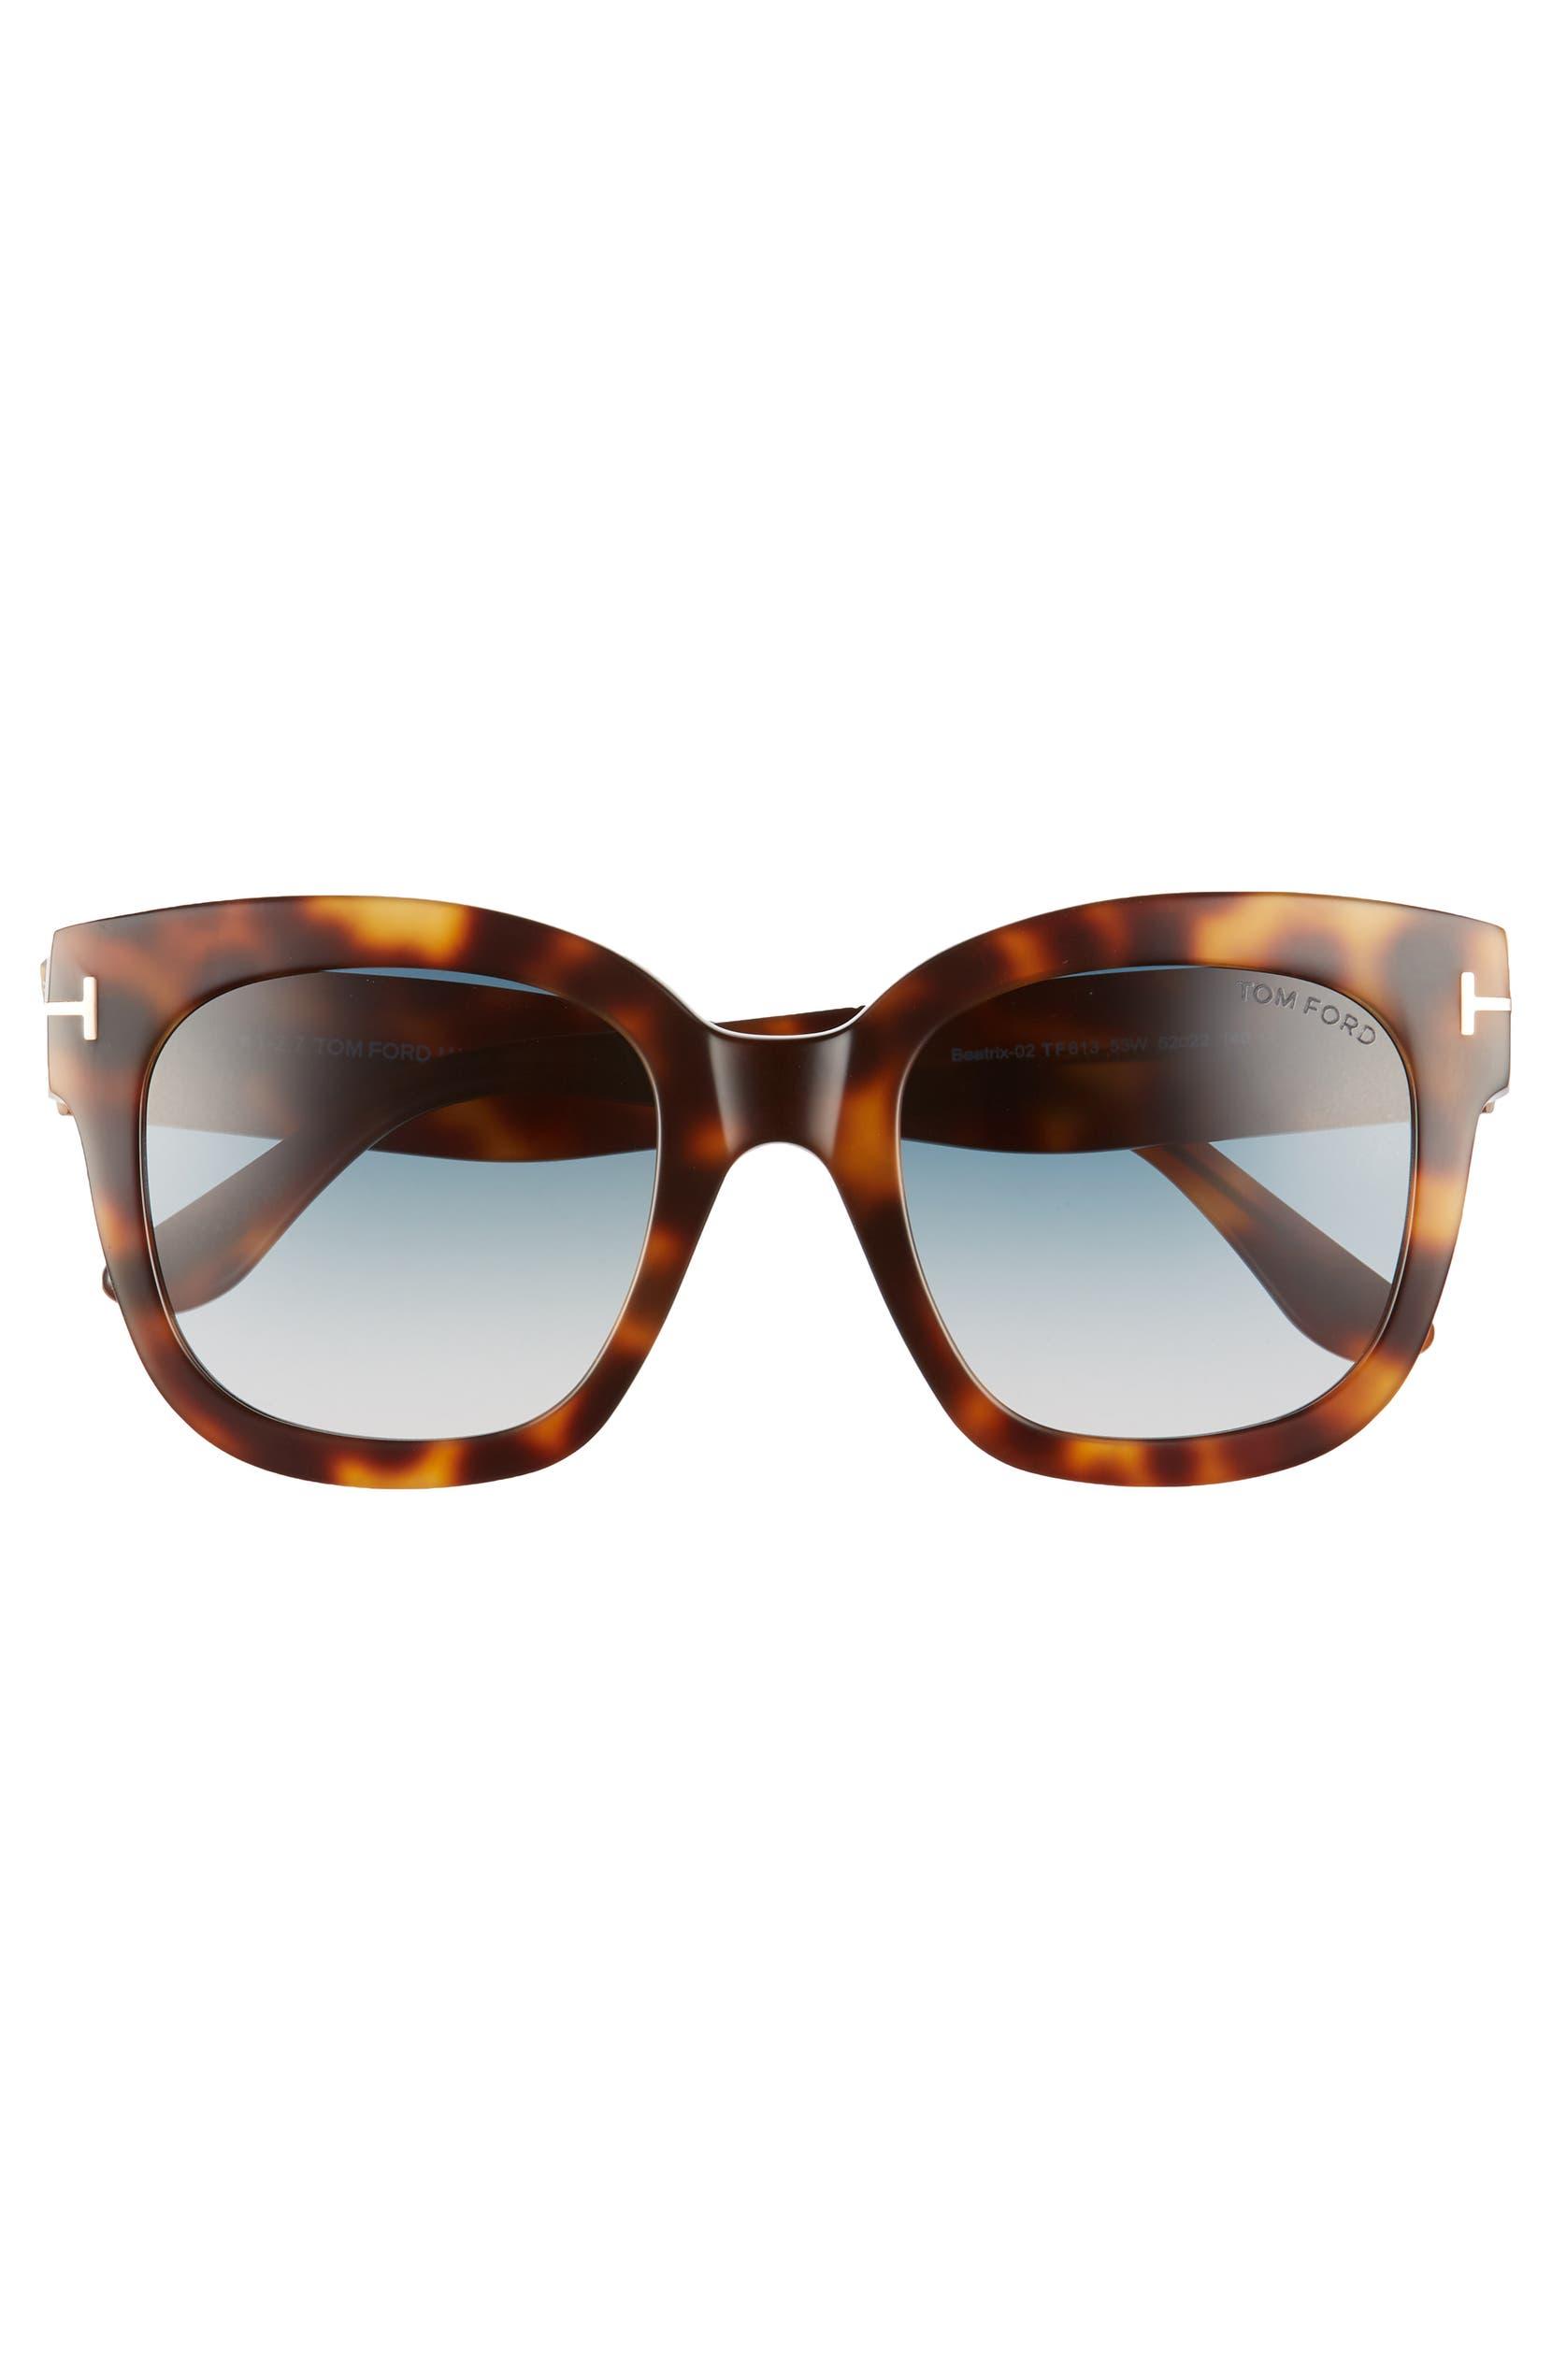 0b15a25367 Tom Ford Beatrix 52mm Sunglasses